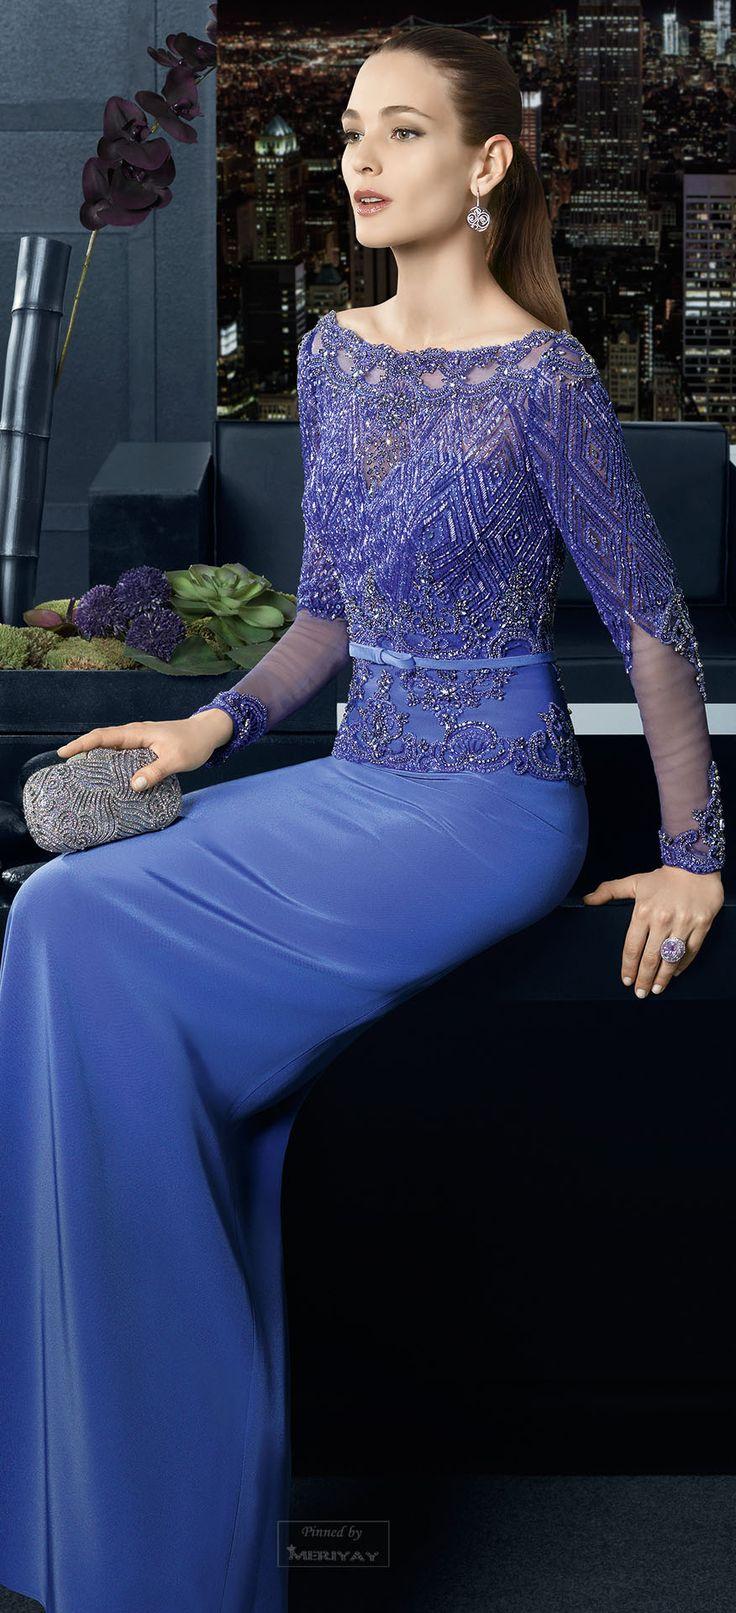 Rosa Clará 2015. #MissAnaheimOrg #EveningGowns